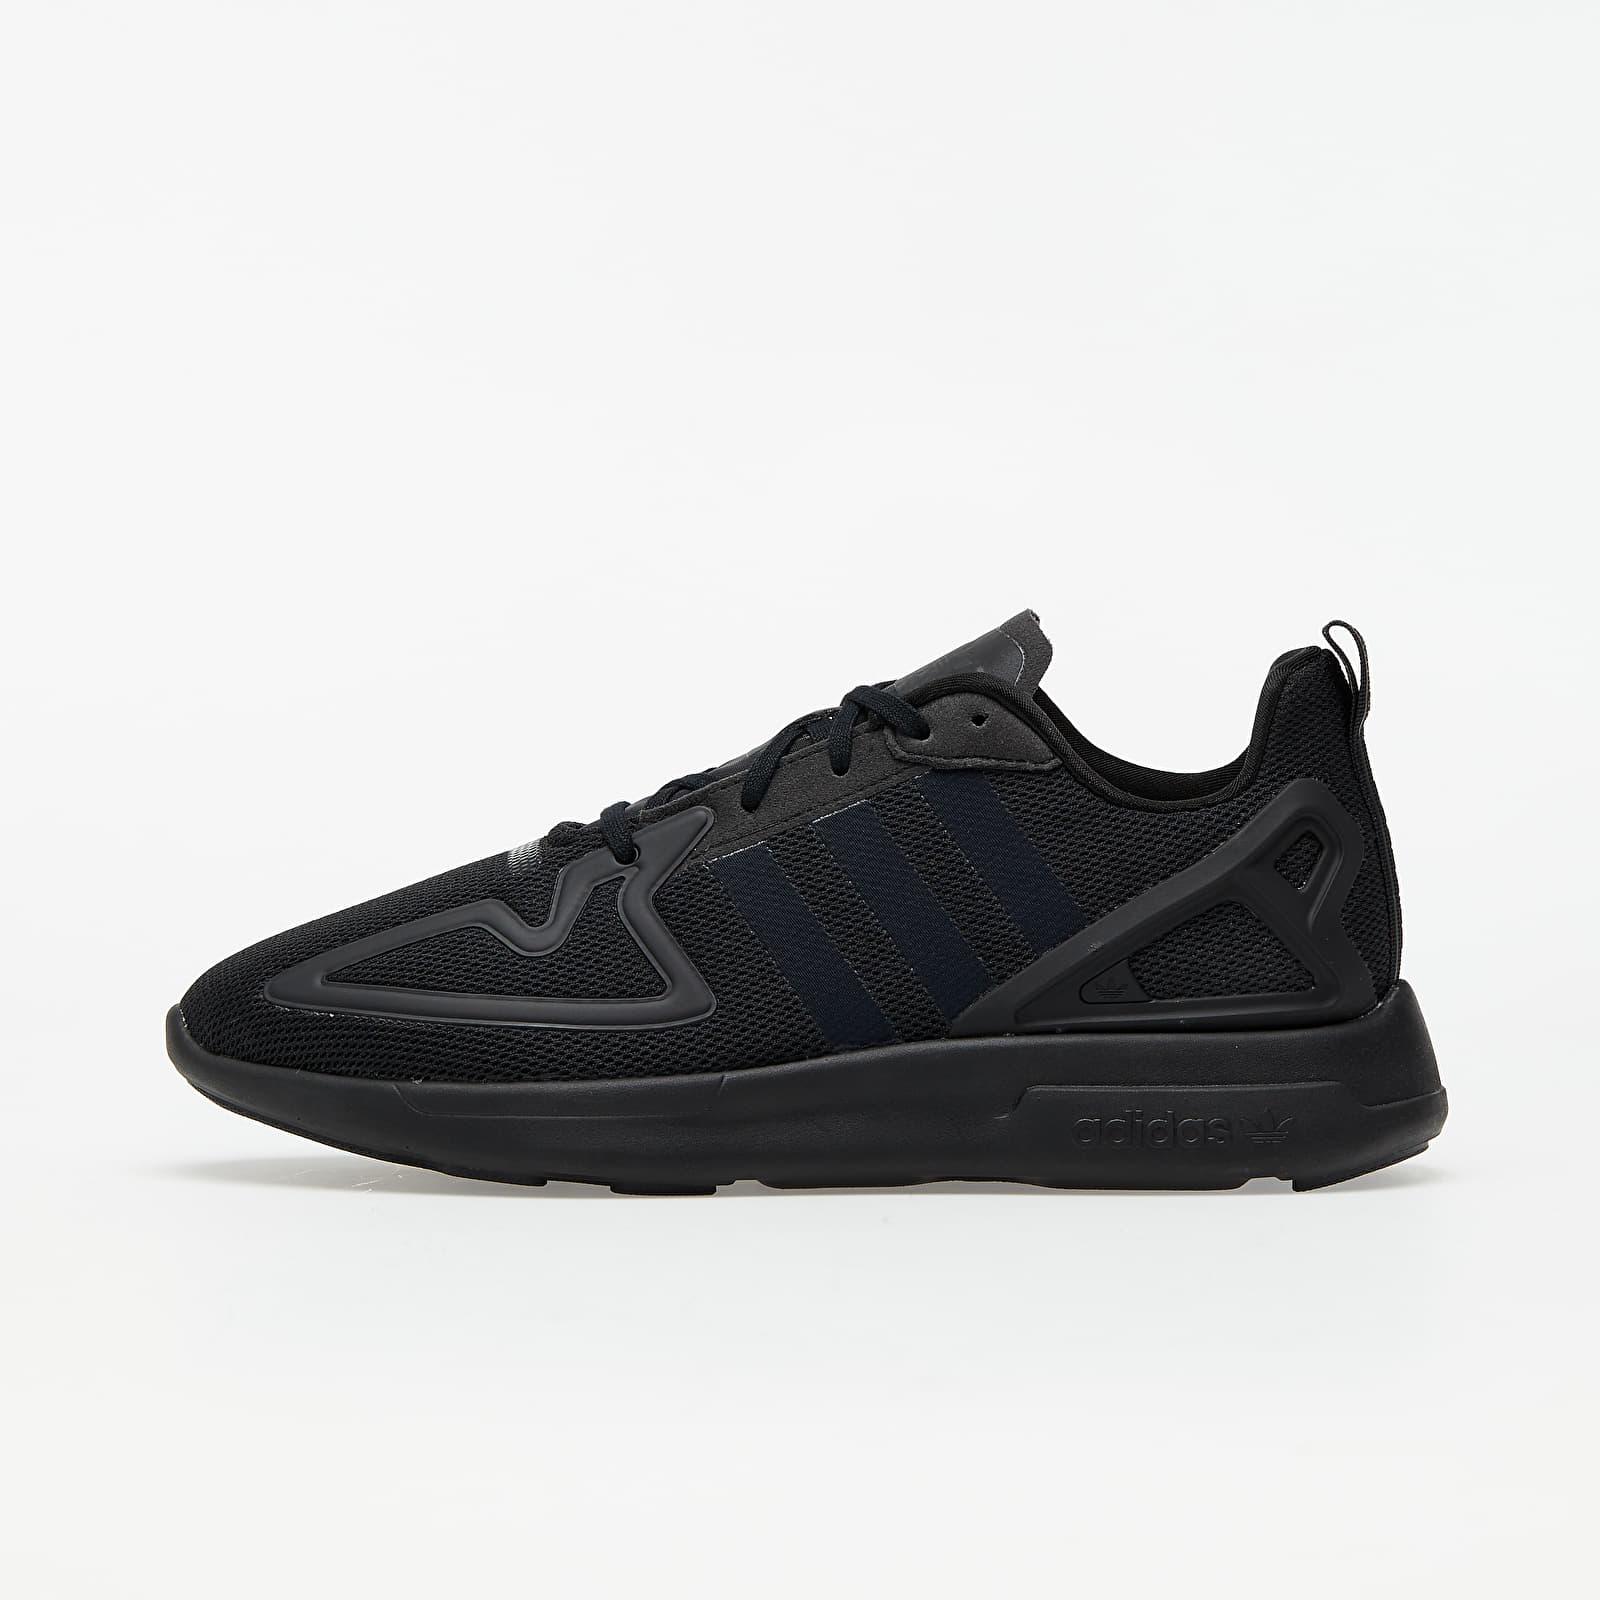 Încălțăminte și sneakerși pentru bărbați adidas ZX 2K Flux Core Black/ Core Black/ Shock Pink